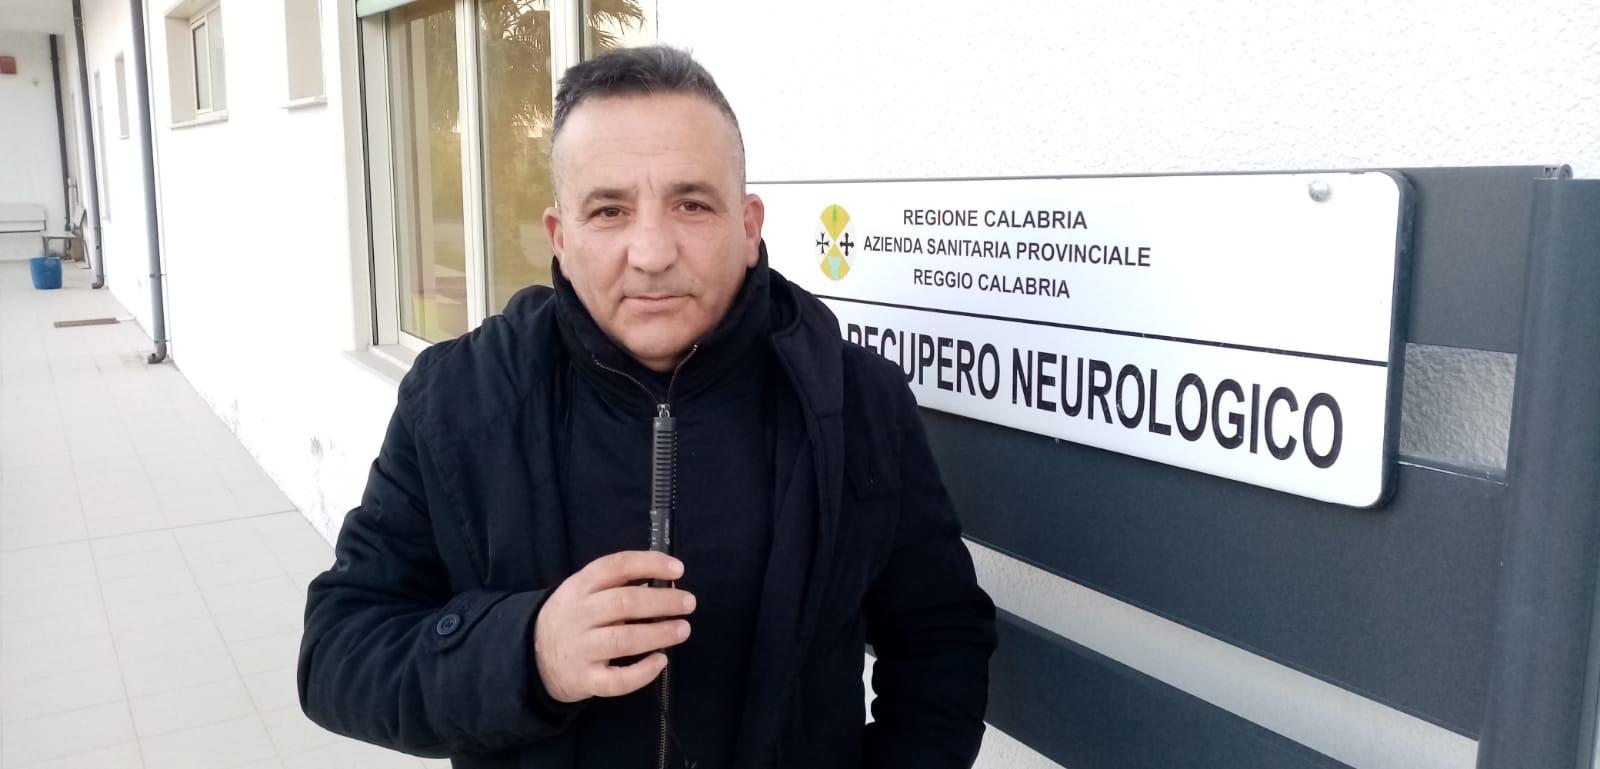 """Coronavirus Reggio Calabria, Crea invoca: «Più attenzione per i soggetti """"fragili""""»"""